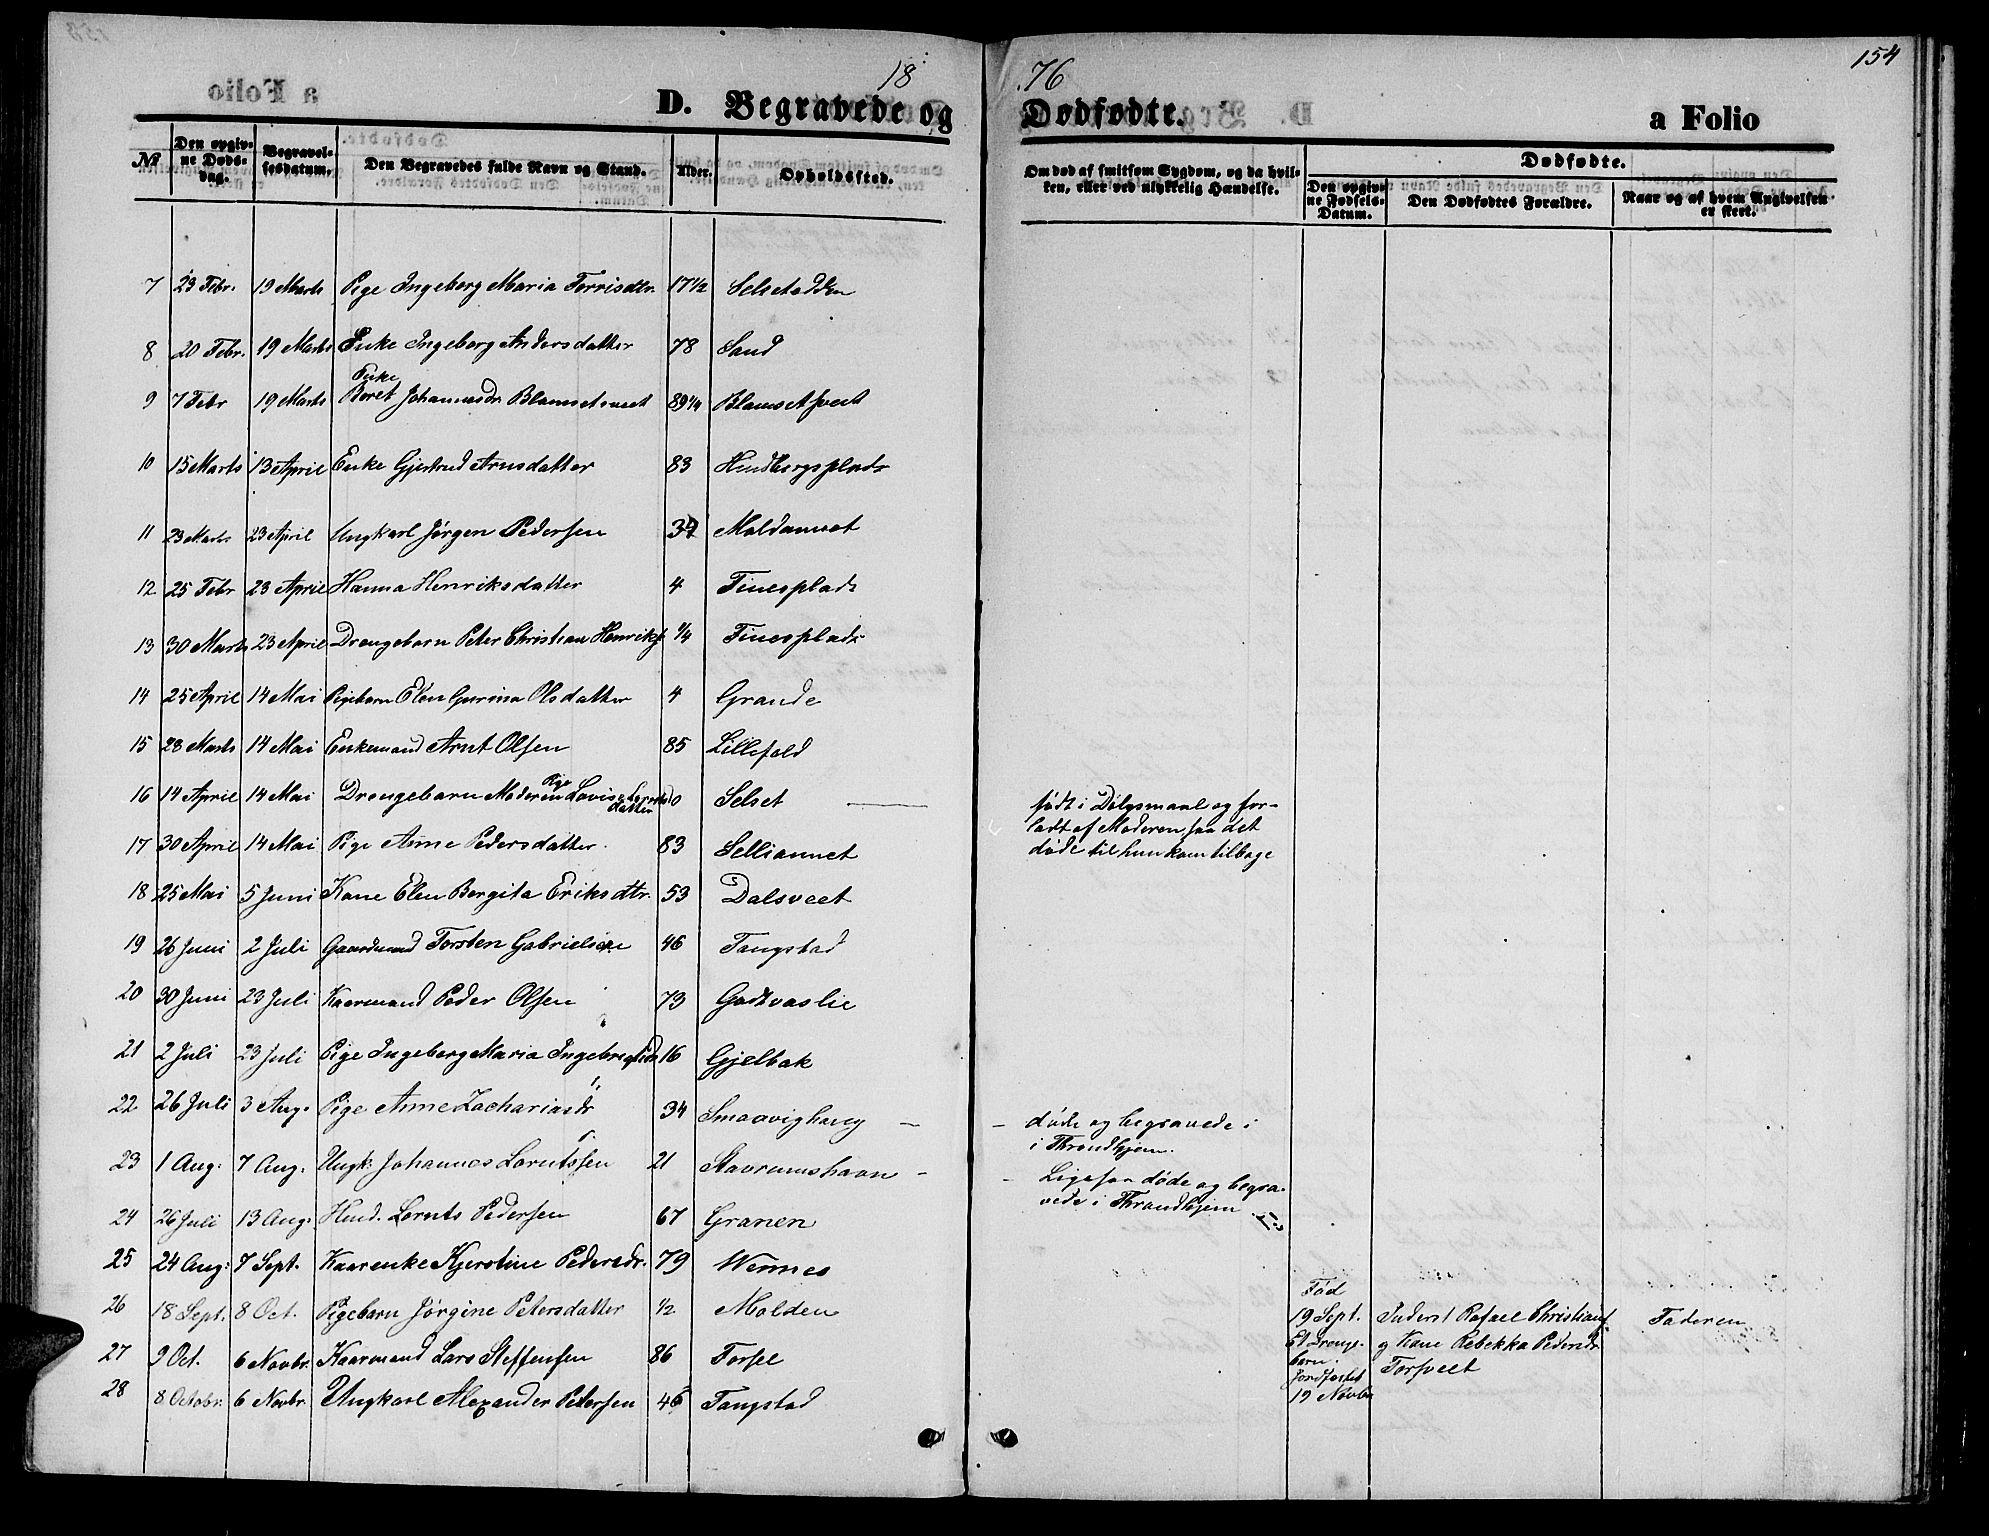 SAT, Ministerialprotokoller, klokkerbøker og fødselsregistre - Nord-Trøndelag, 744/L0422: Klokkerbok nr. 744C01, 1871-1885, s. 154